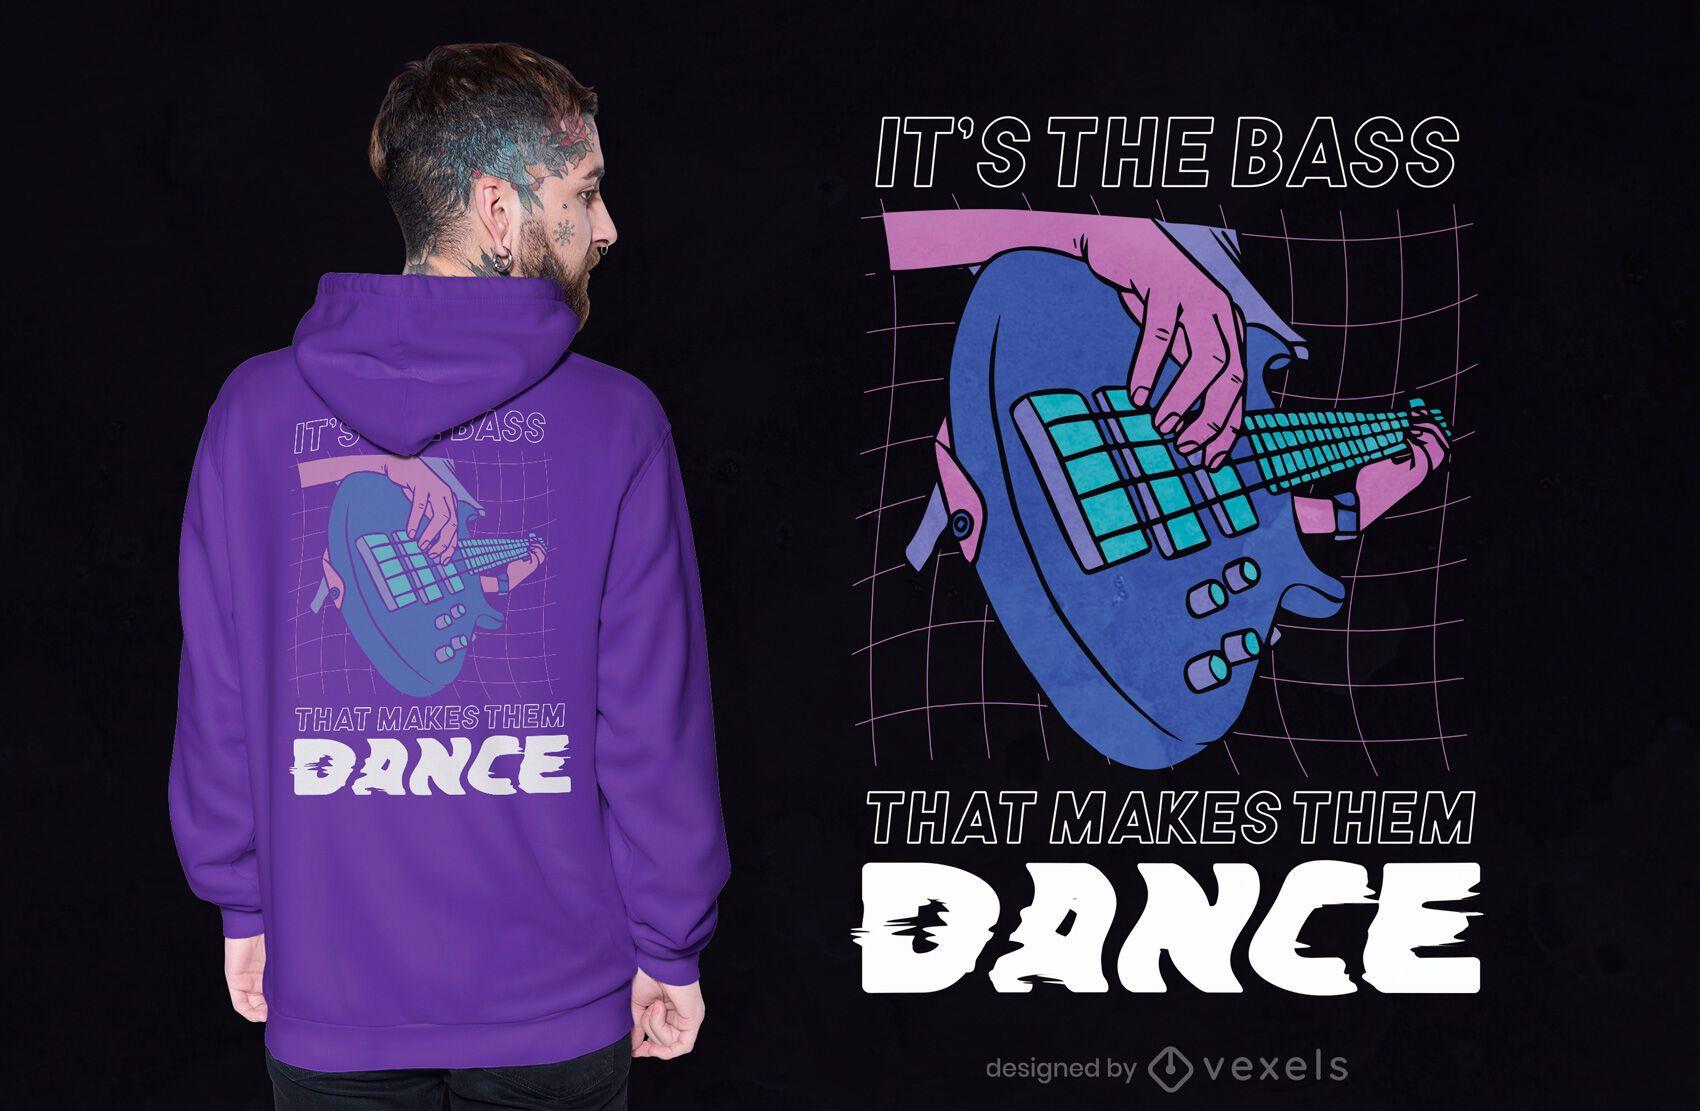 Bass makes them dance t-shirt design